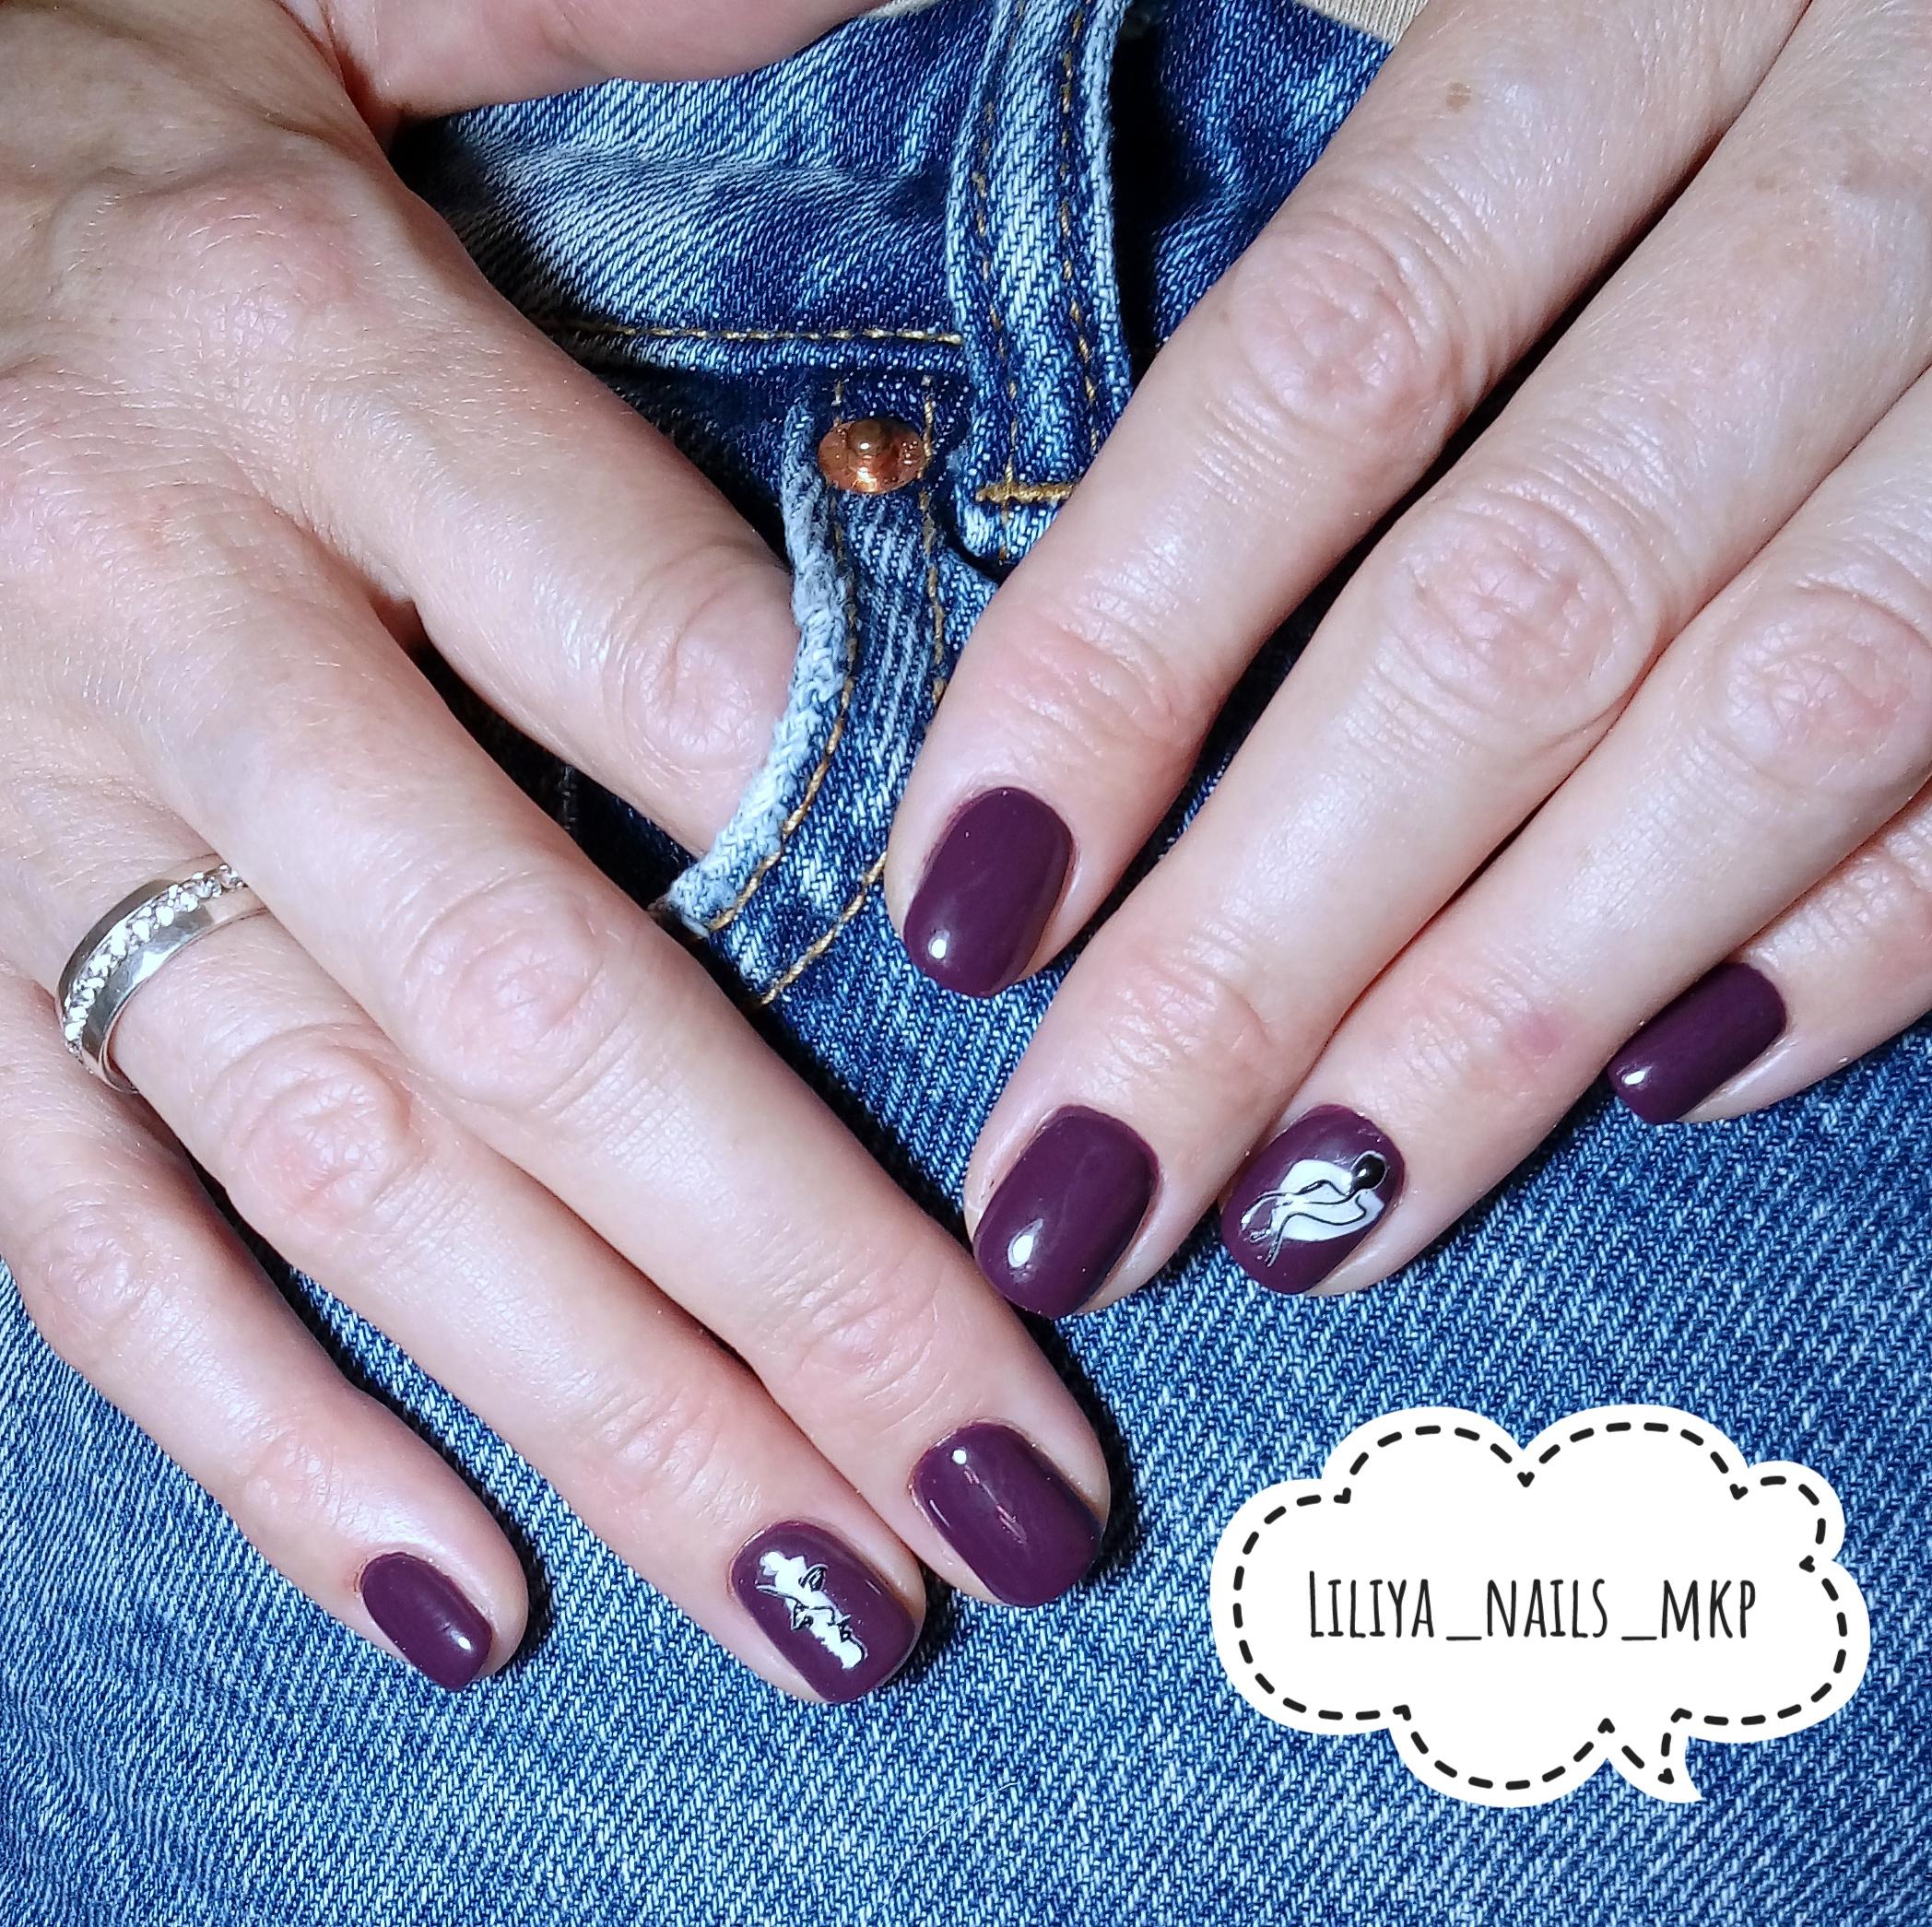 Маникюр со слайдерами в баклажановом цвете на короткие ногти.